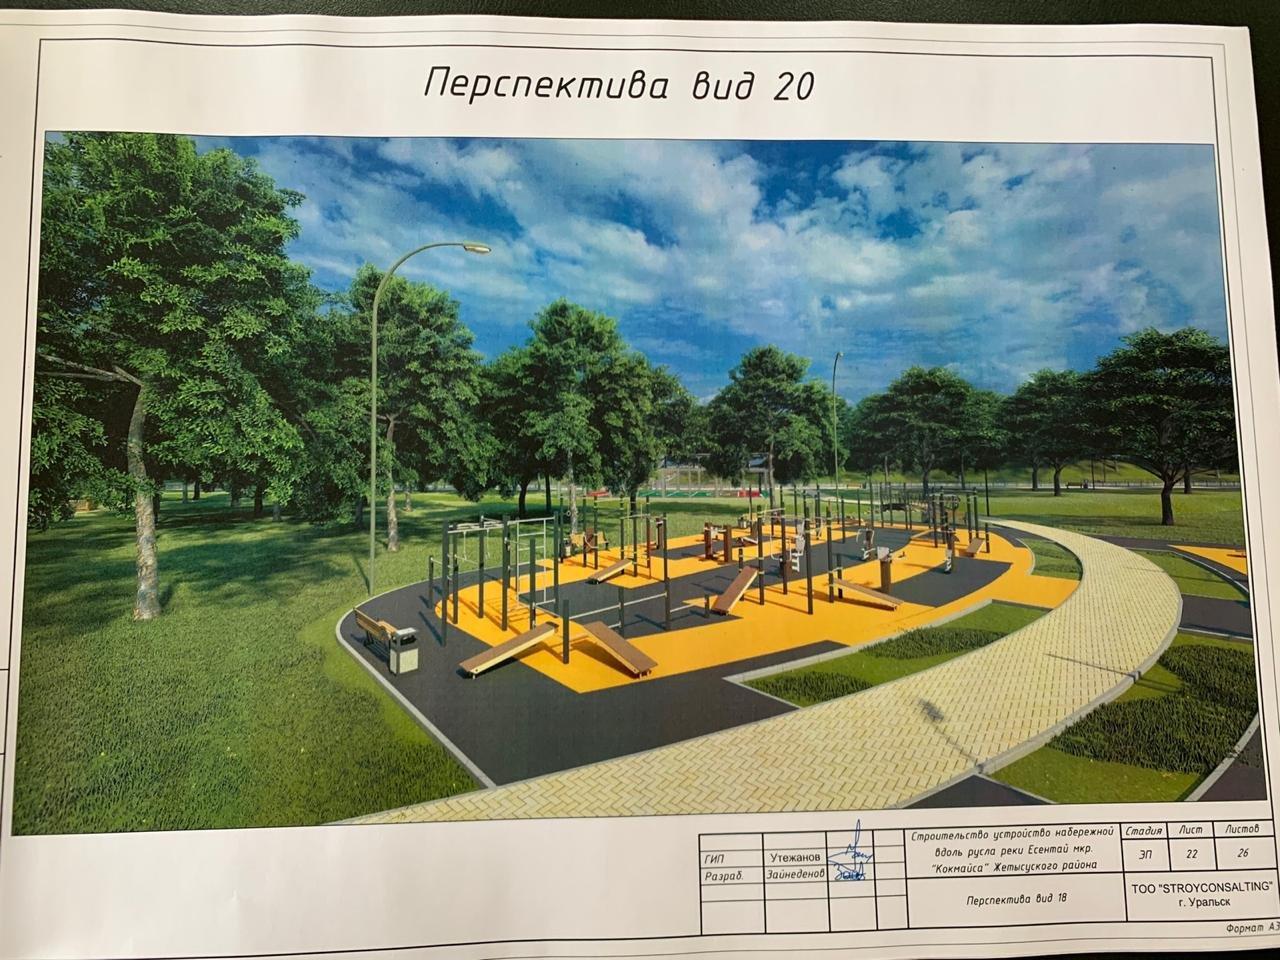 В Жетысуском районе Алматы планируют построить парковую зону вдоль набережной реки Есентай, фото-3